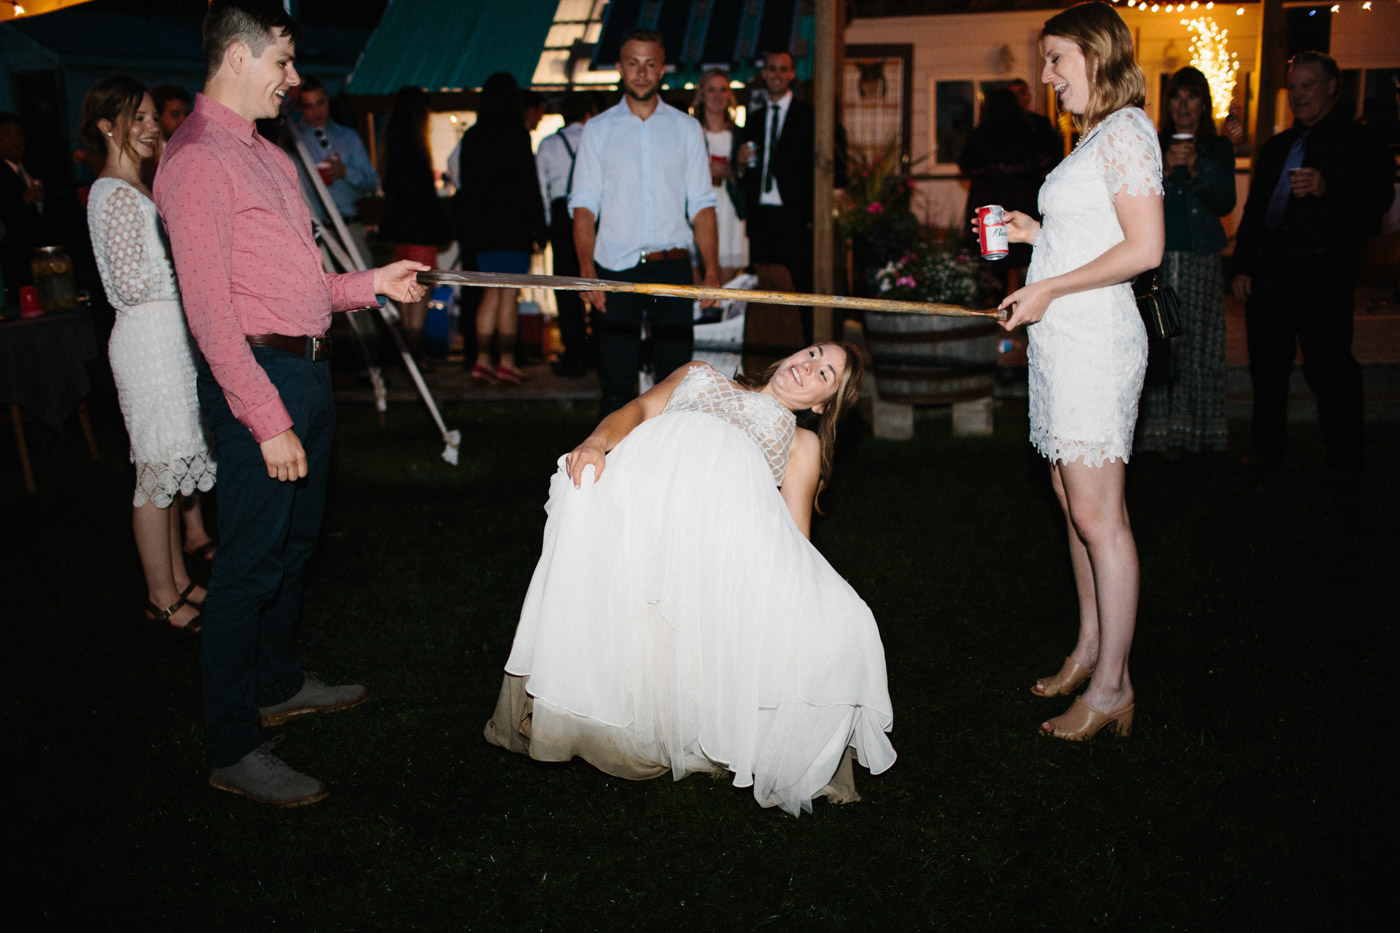 toronto_wedding_photographer_backyard_wedding-59.jpg